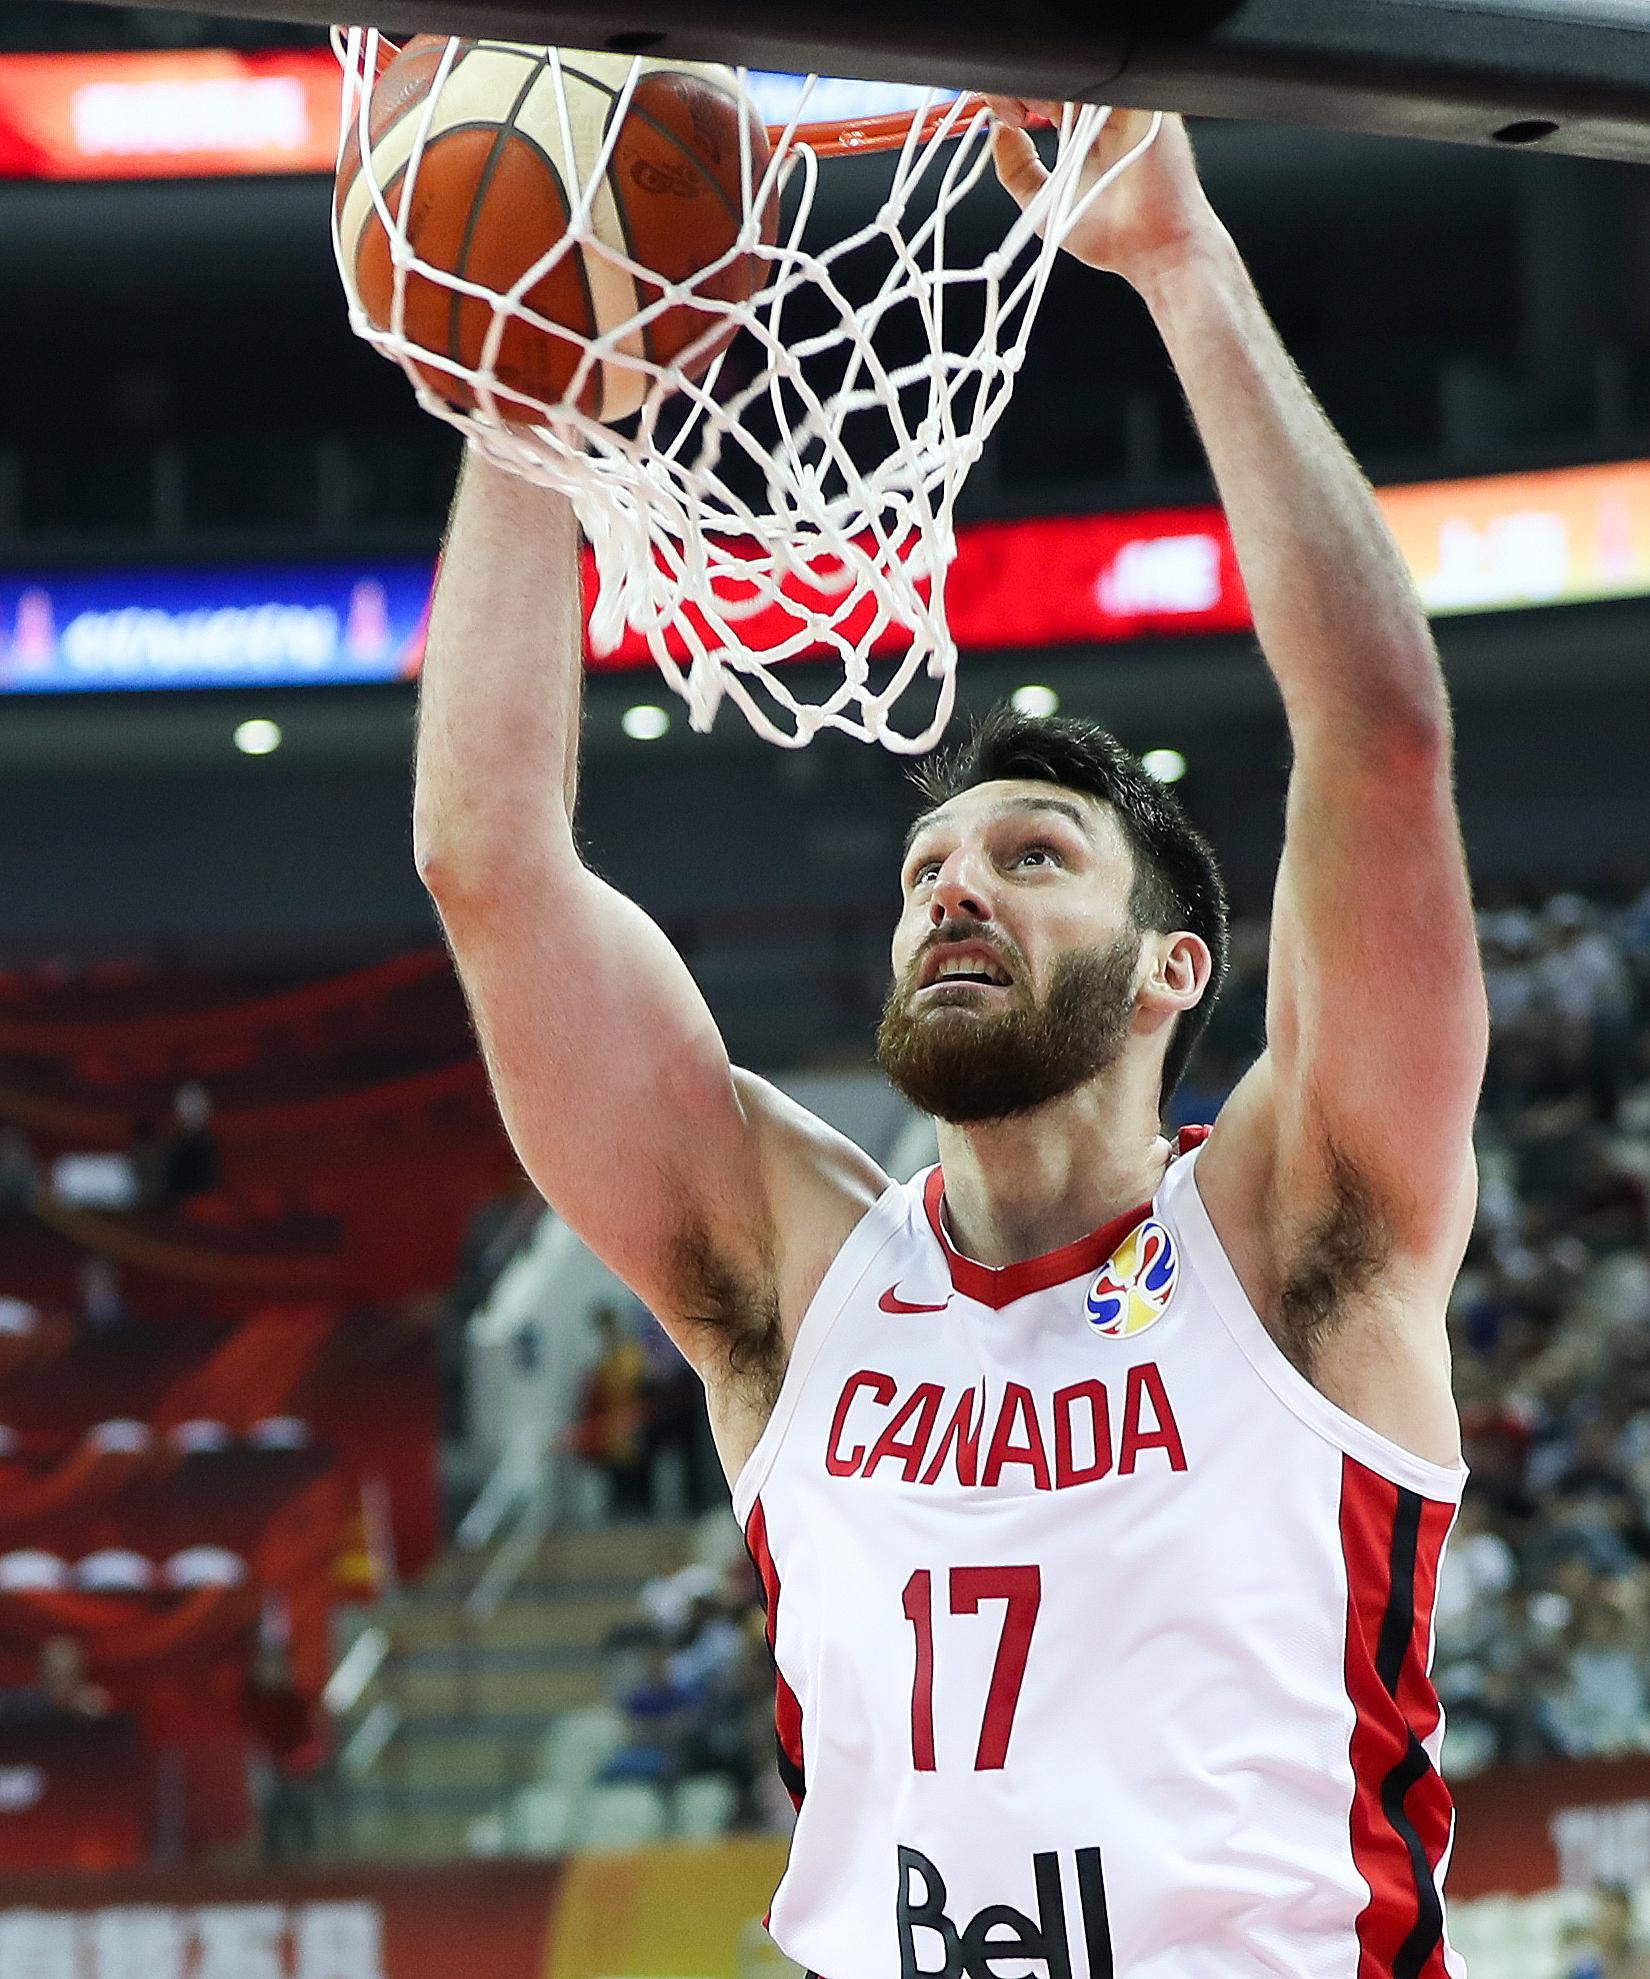 篮球世界杯 加拿大队55分大胜约旦队